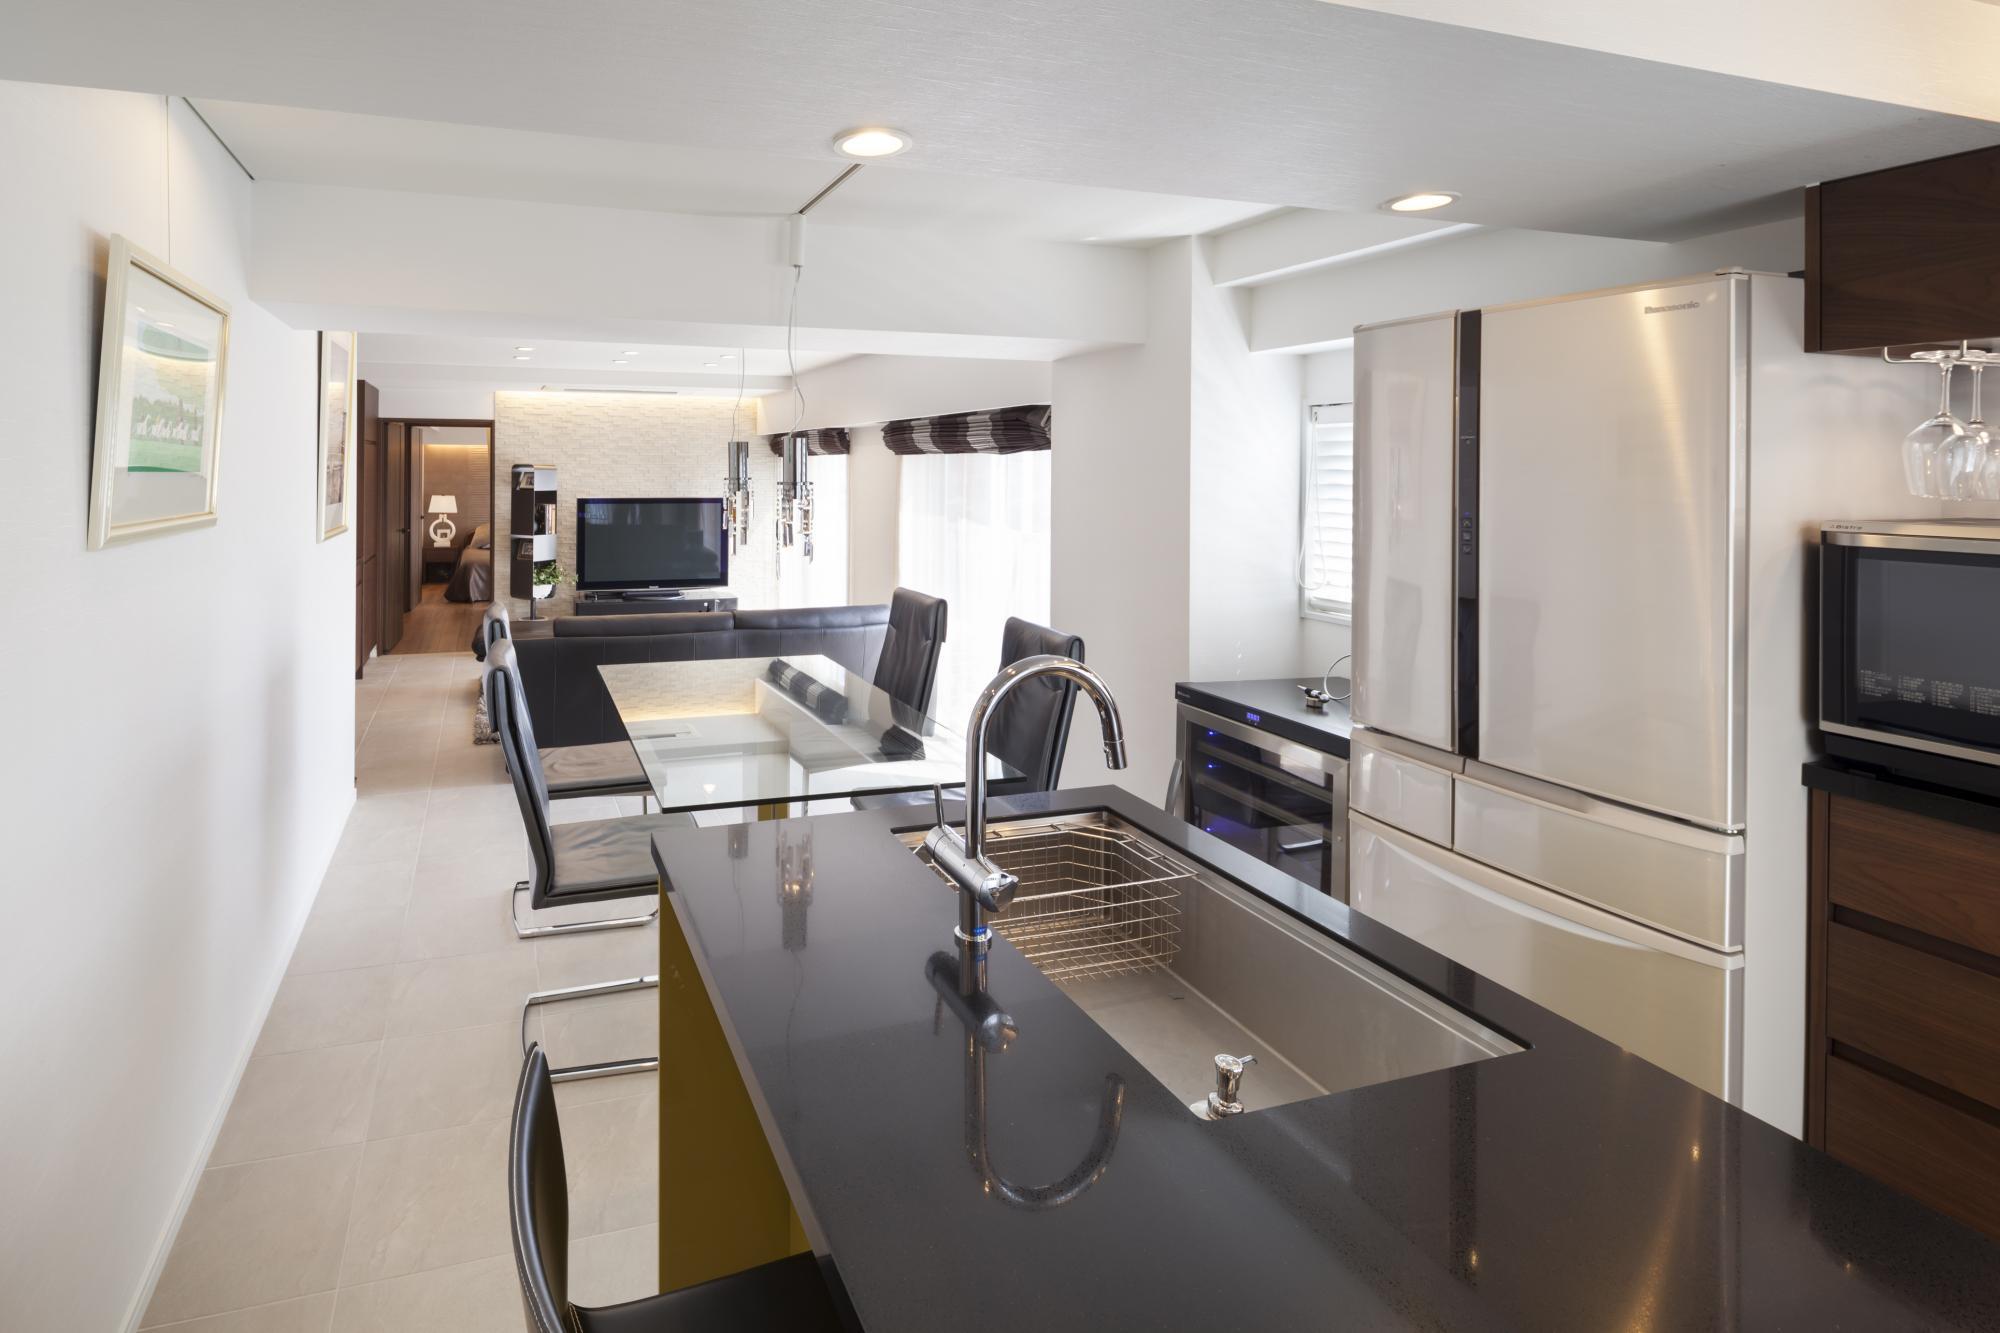 お施主様お気に入りのアイランドキッチン。使い勝手がよく掃除もラクラク。眺望を楽しみながら食事や調理ができるくつろぎの空間